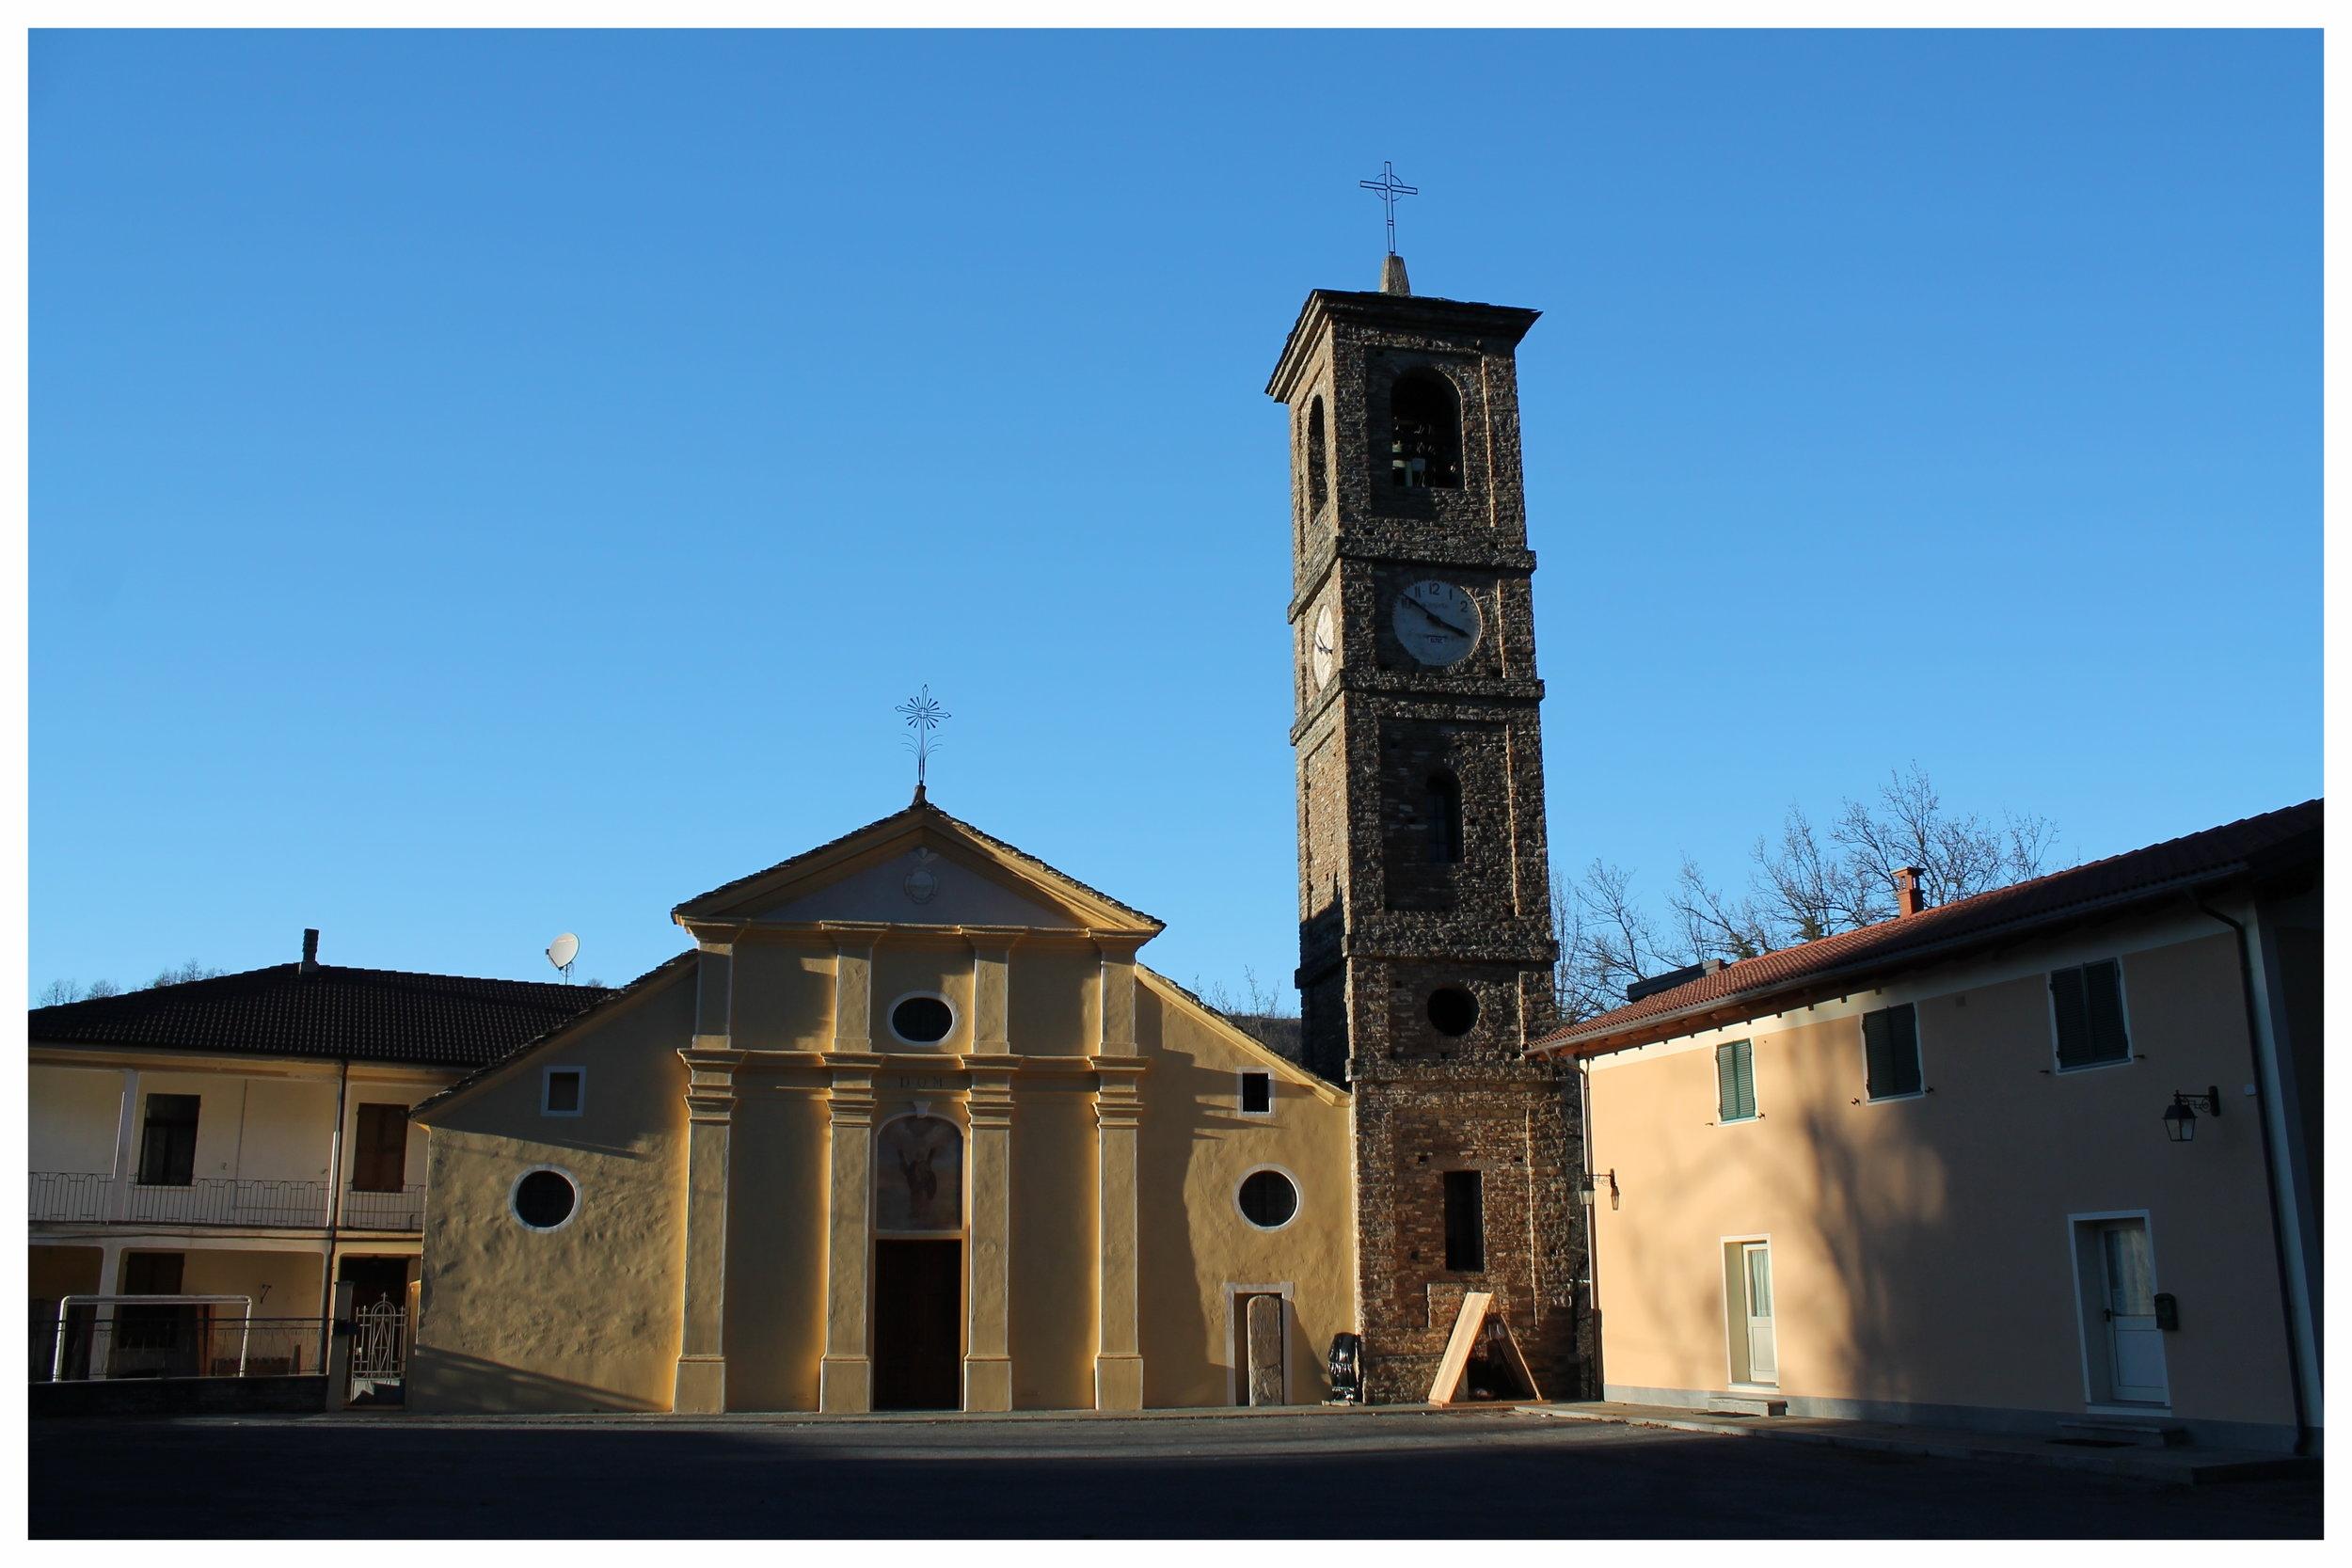 Igliano_-_Parrocchiale_di_SantAndrea_Apostolo.jpg